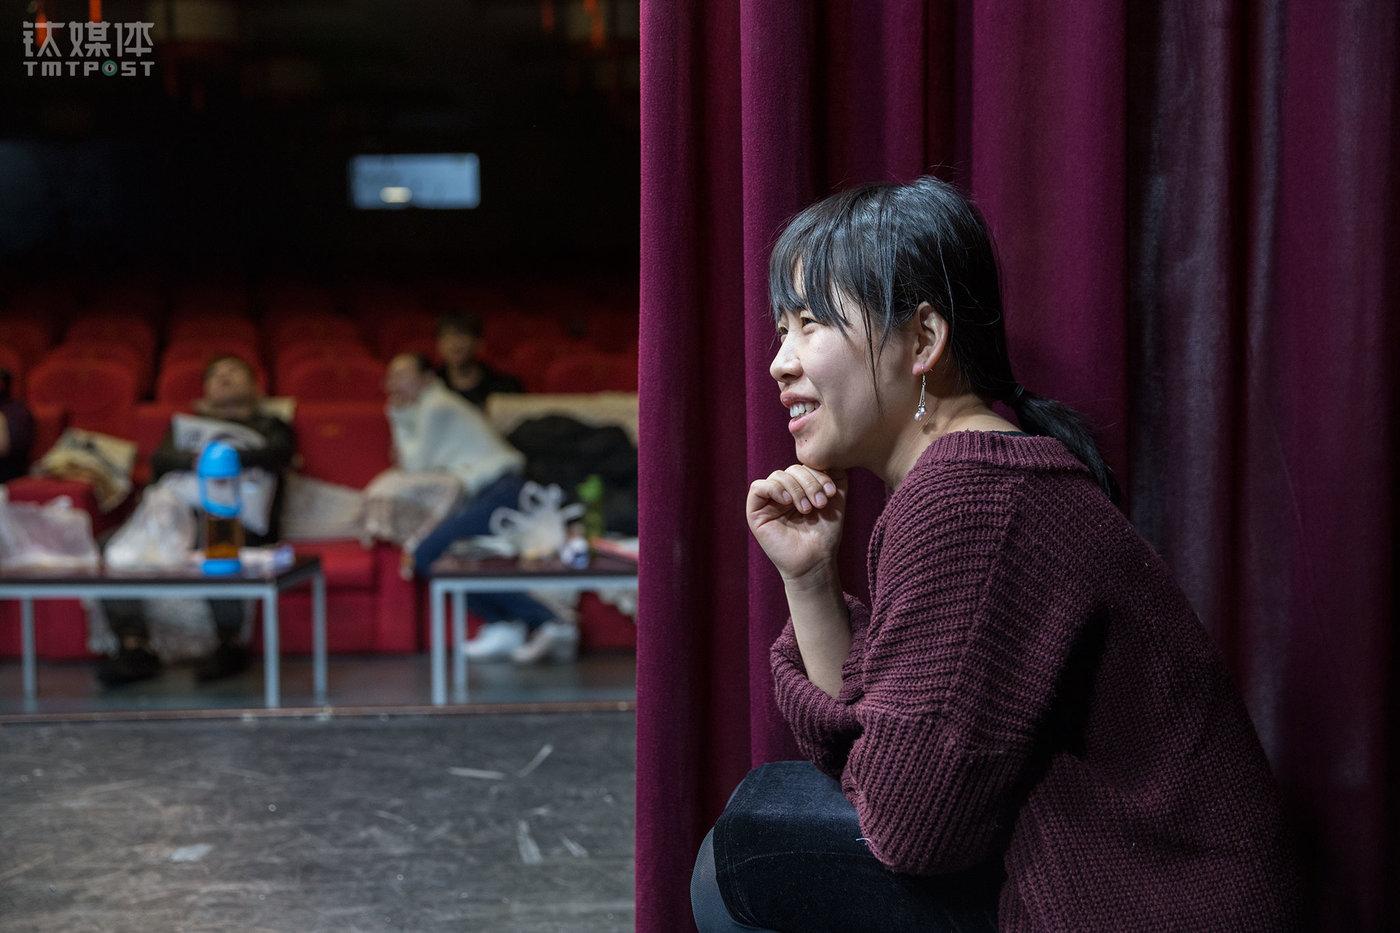 来到剧社之前,燕子是一名脱口秀演员,在做脱口秀之前她在日本工作了几年,是一名程序员。